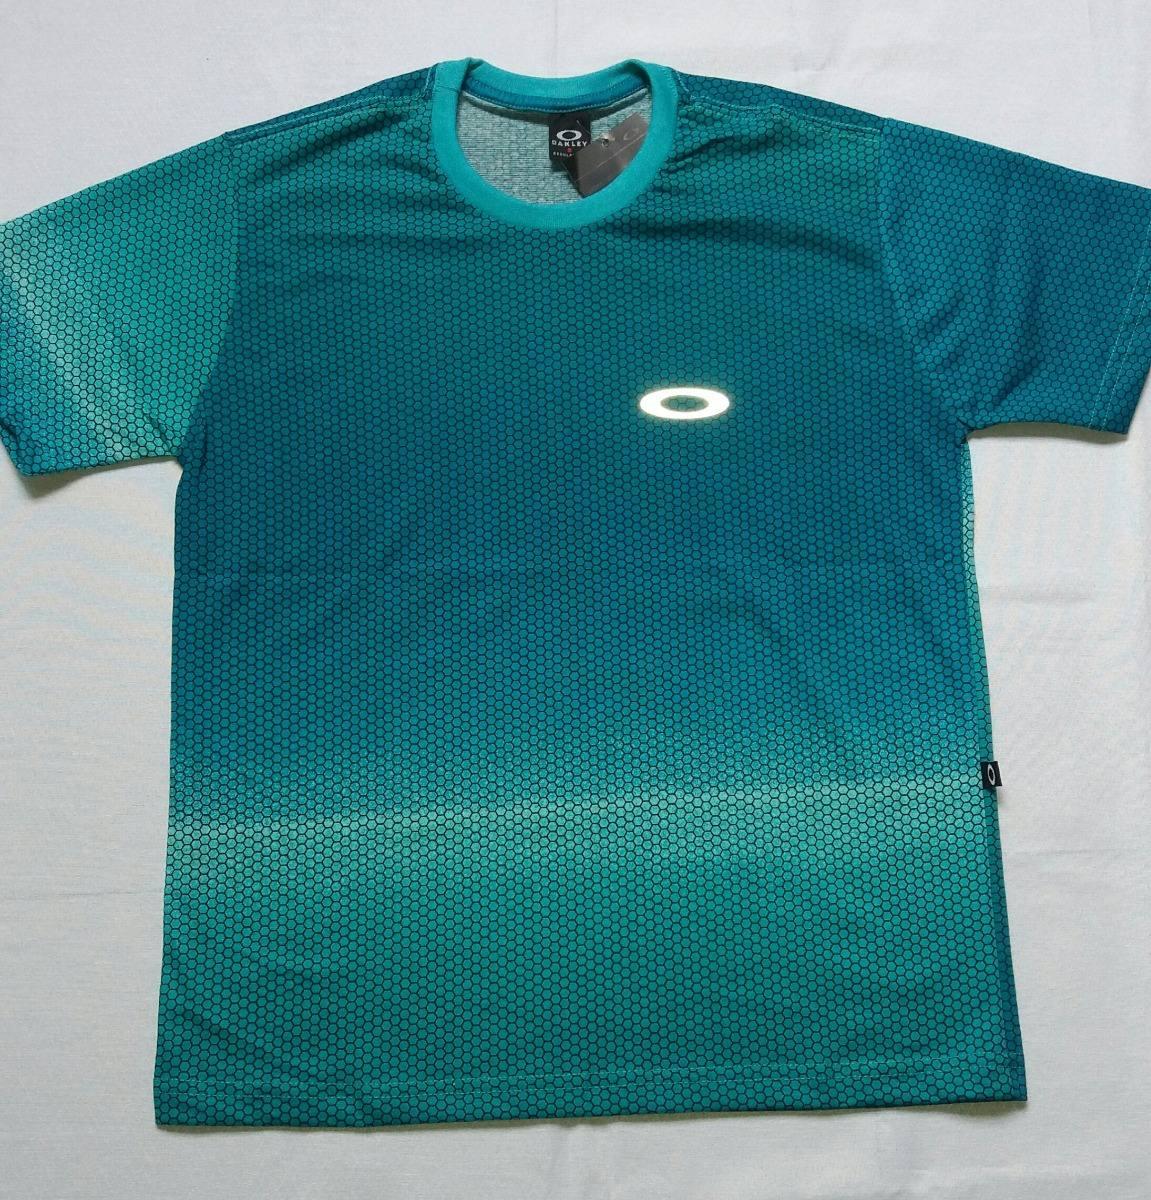 2d6ae4b1b1a 5 camisetas masculinas oakley lacoste live top +frete grátis. Carregando  zoom.